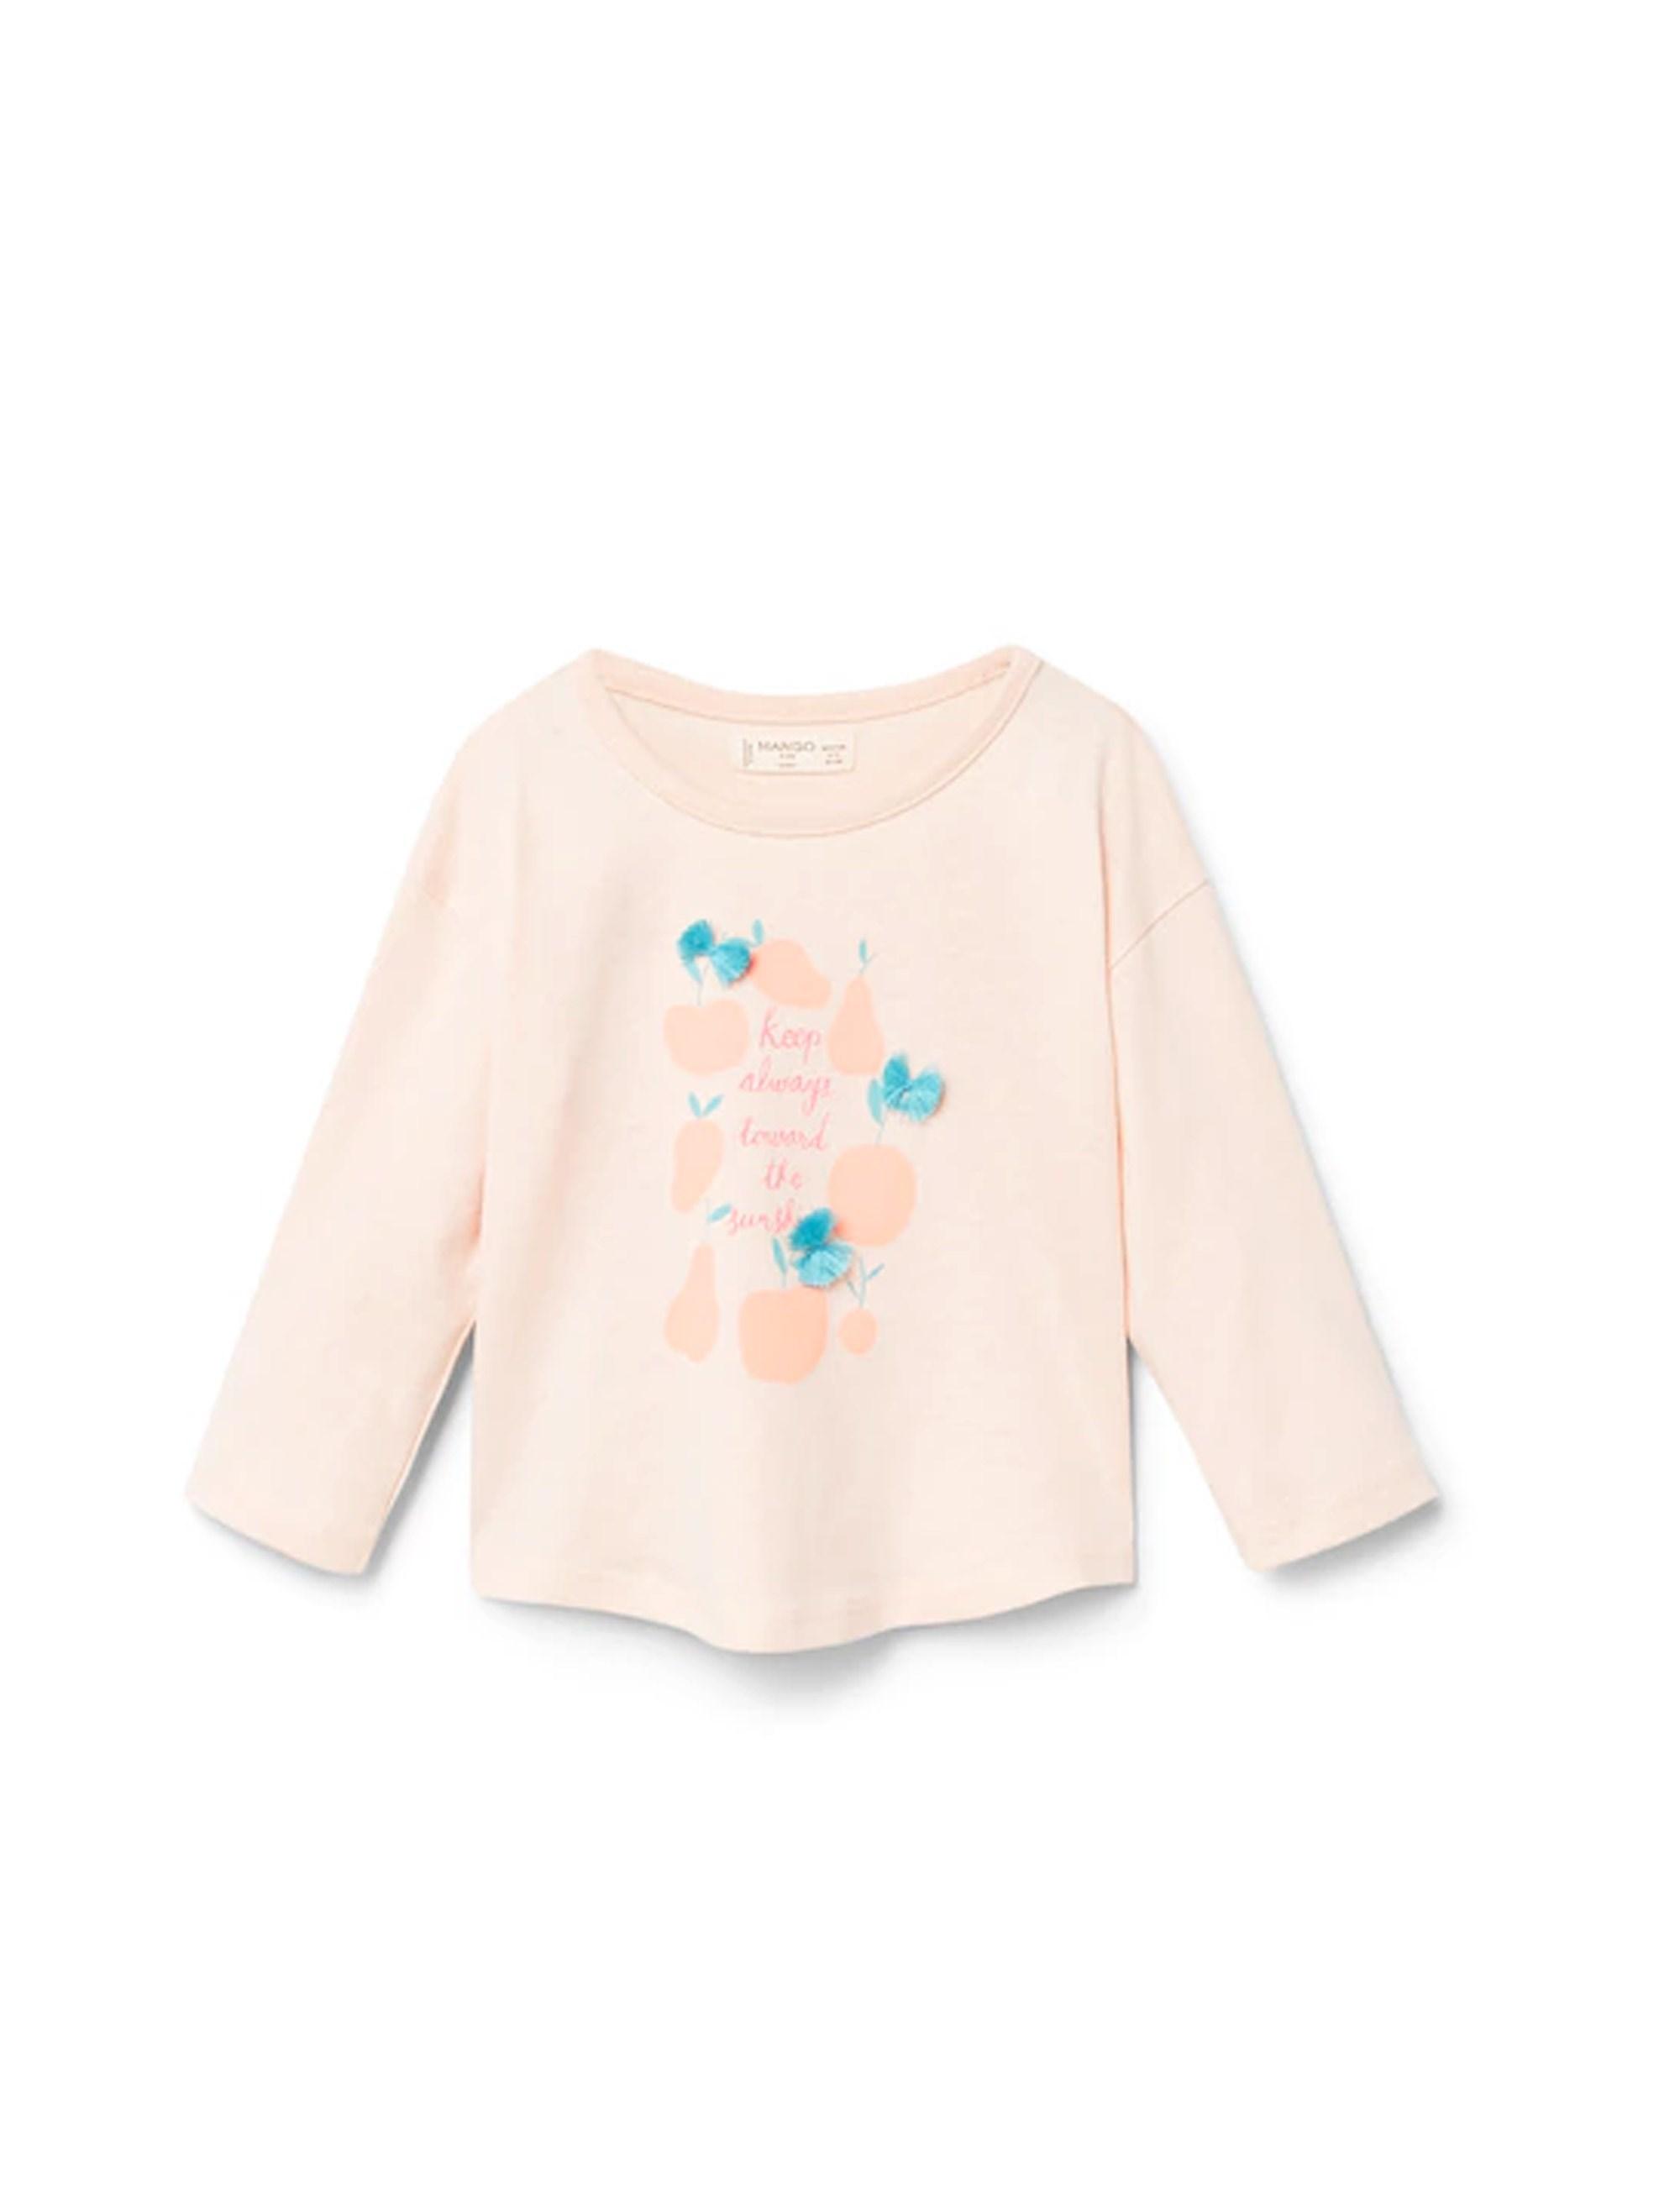 تی شرت نخی یقه گرد دخترانه - کالباسي روشن - 1